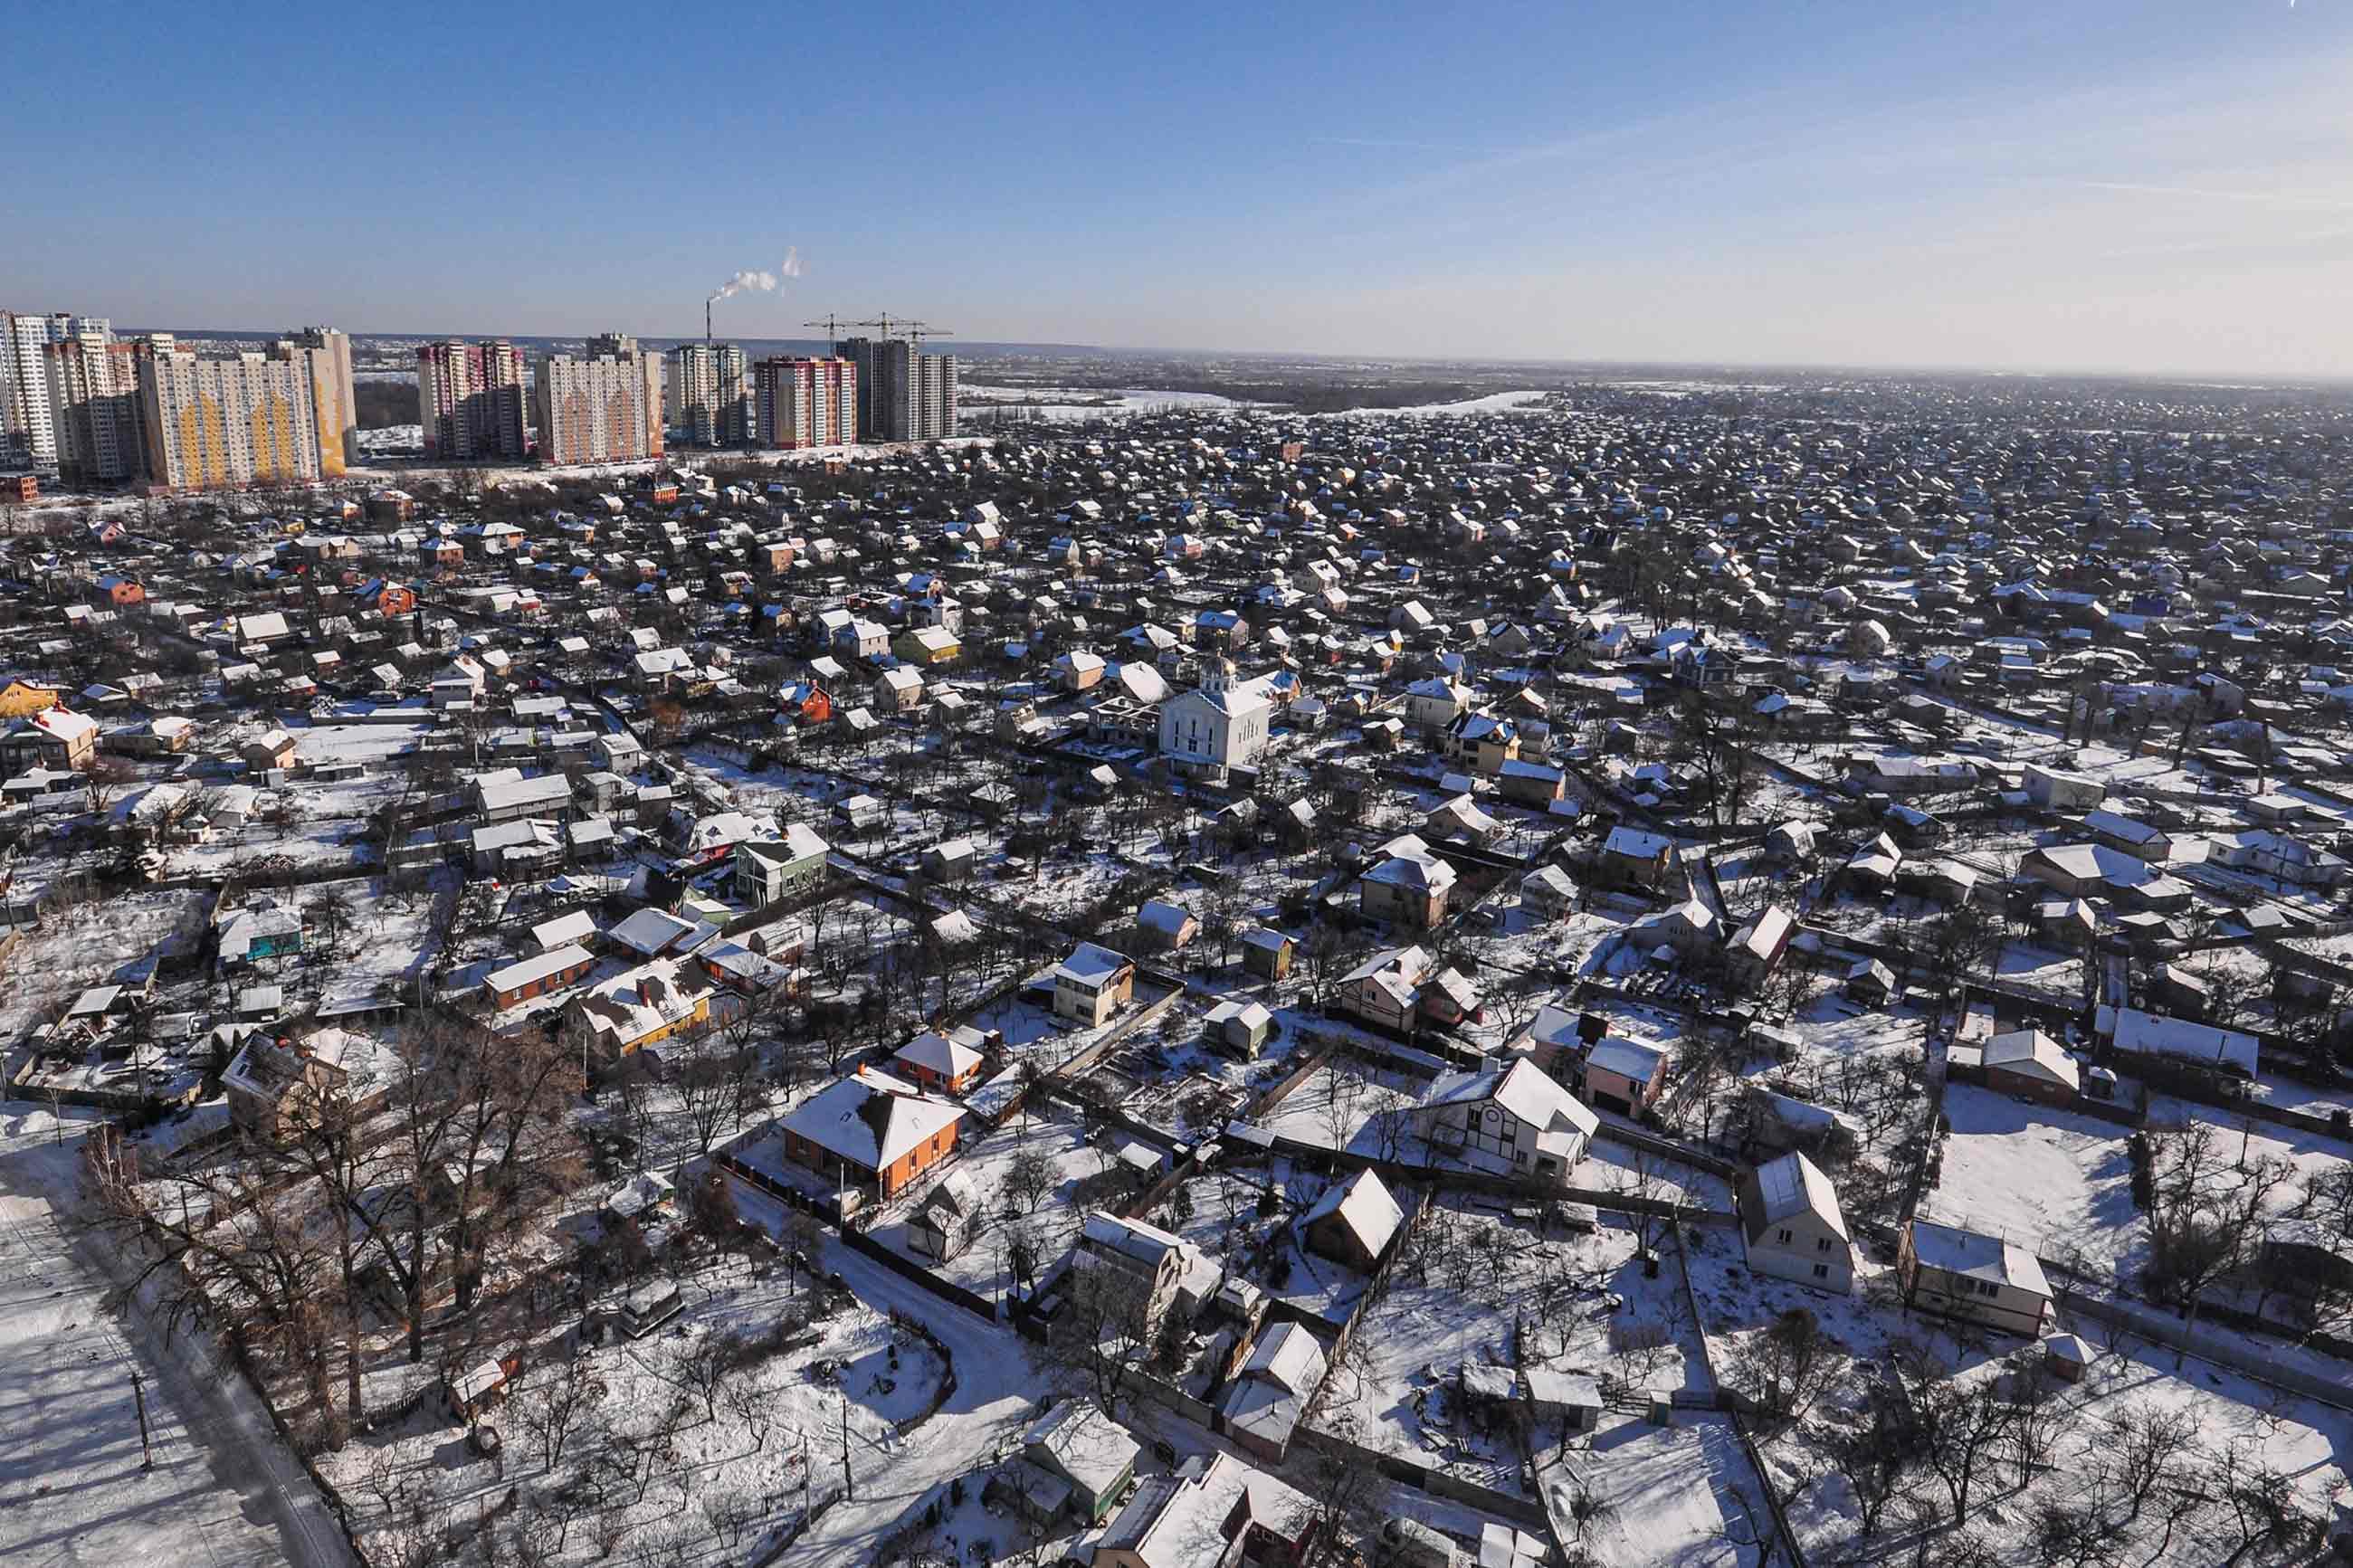 osokor 03 - <b>Заради масового житла в Києві знищили десятки поселень.</b> Розповідаємо, як це було - Заборона